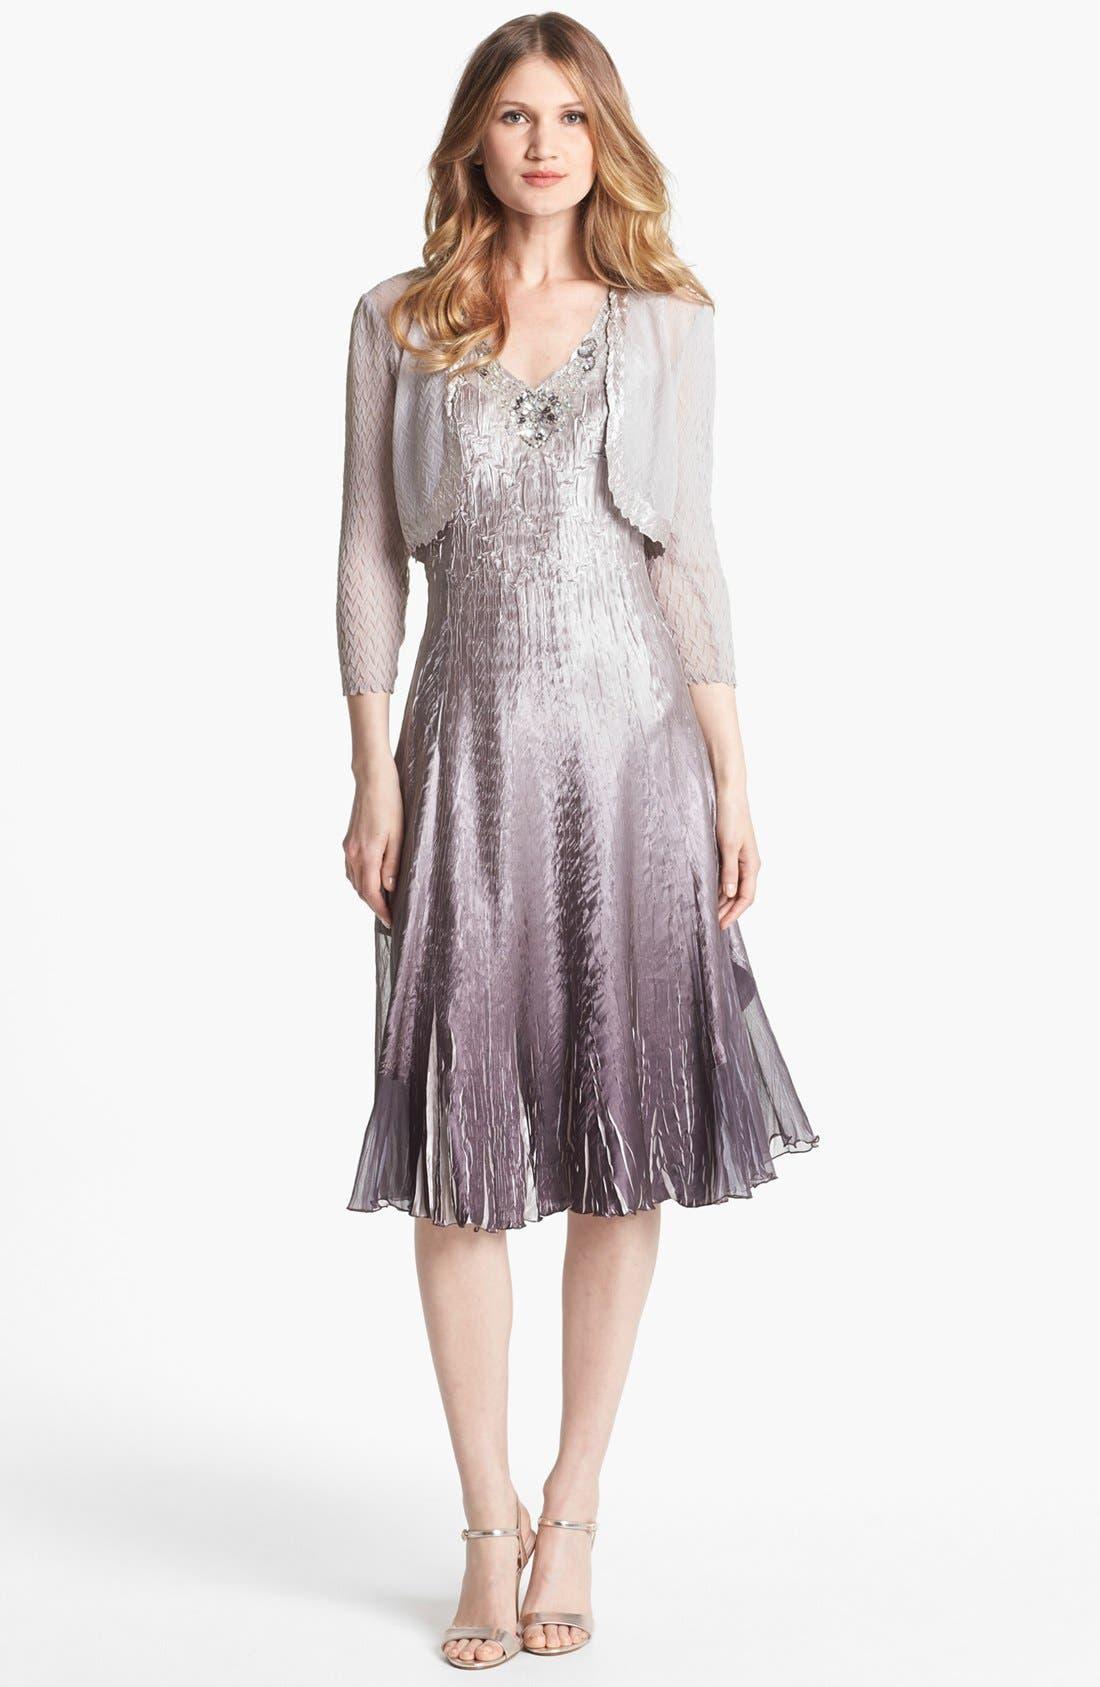 Alternate Image 1 Selected - Komarov Embellished Charmeuse Dress & Bolero (Petite)